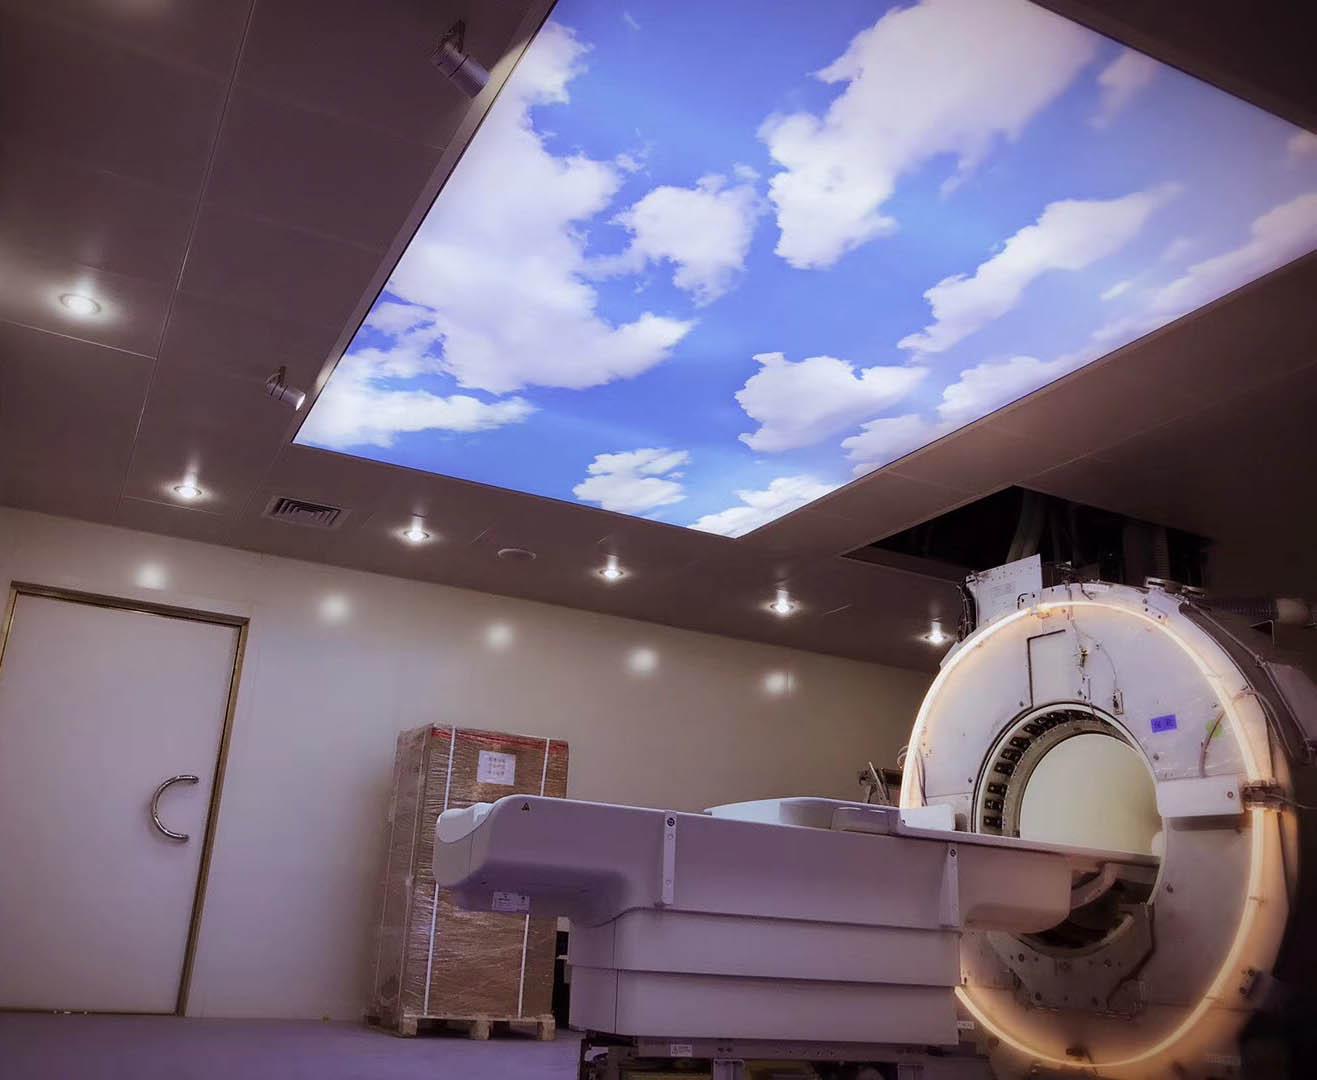 磁共振亚博足彩APP室蓝天白云效果展示